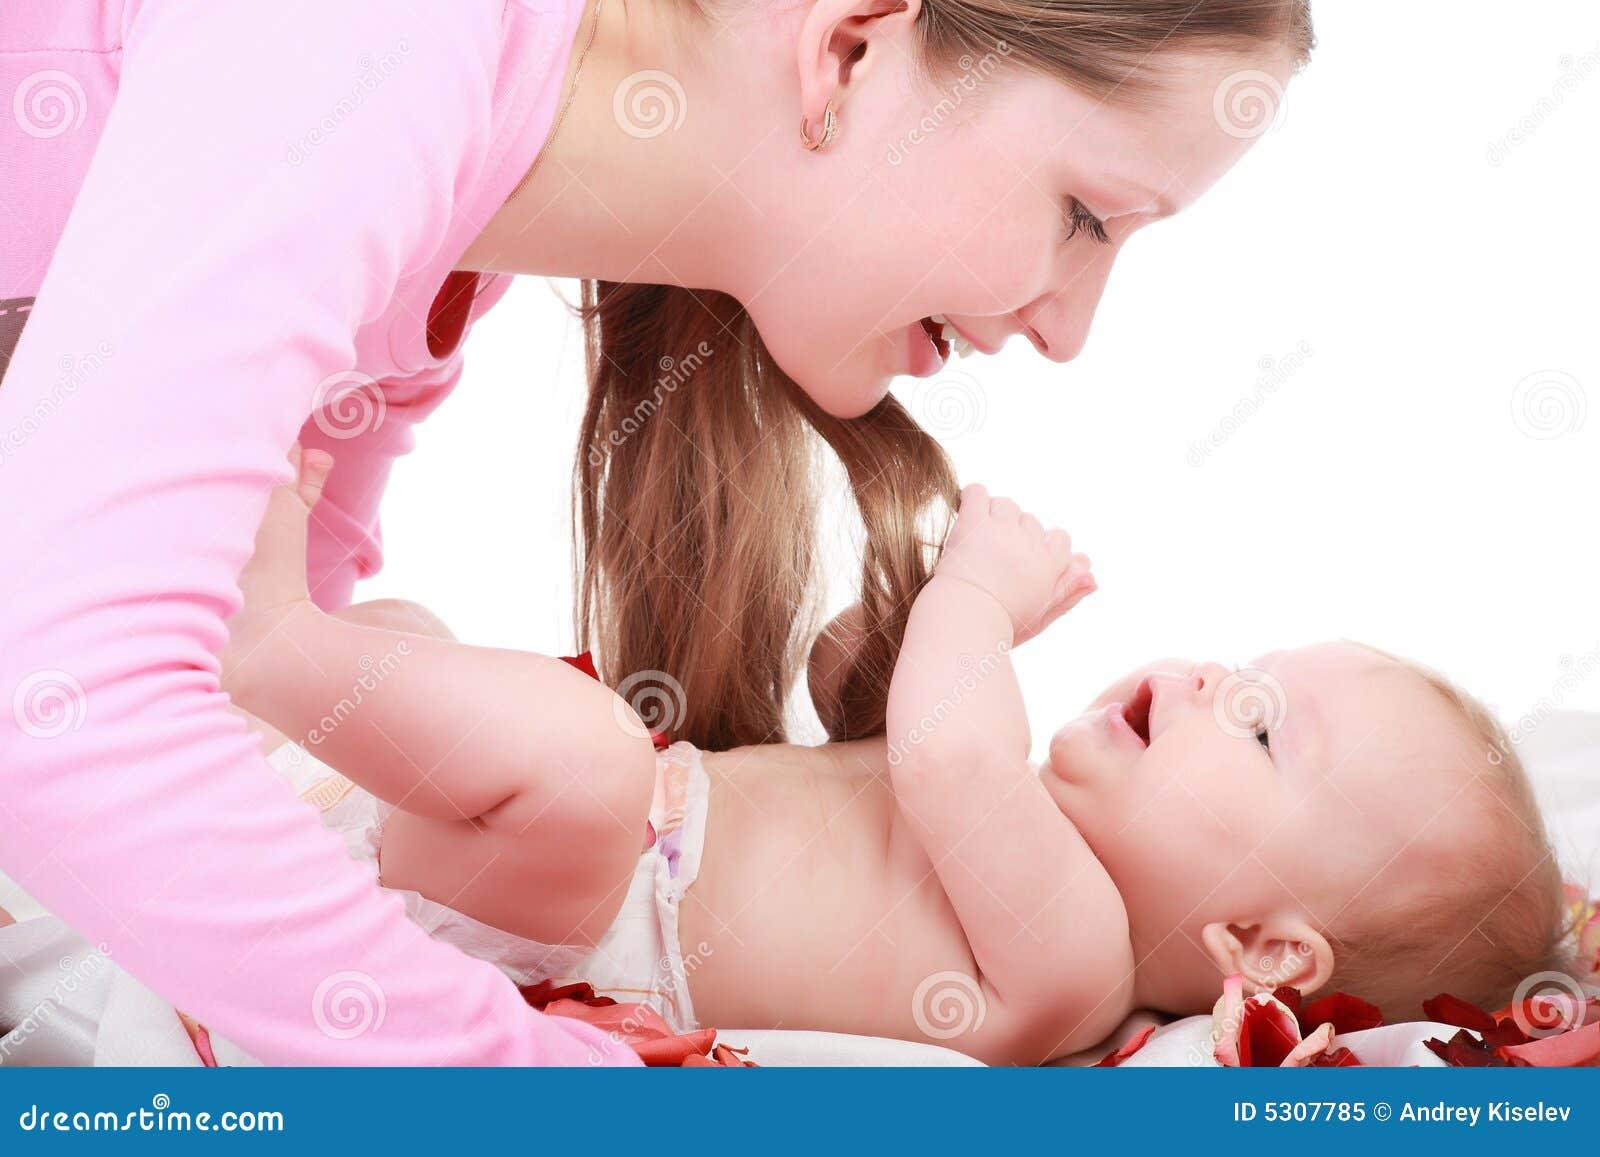 Download Gioco con l'infante immagine stock. Immagine di bello - 5307785